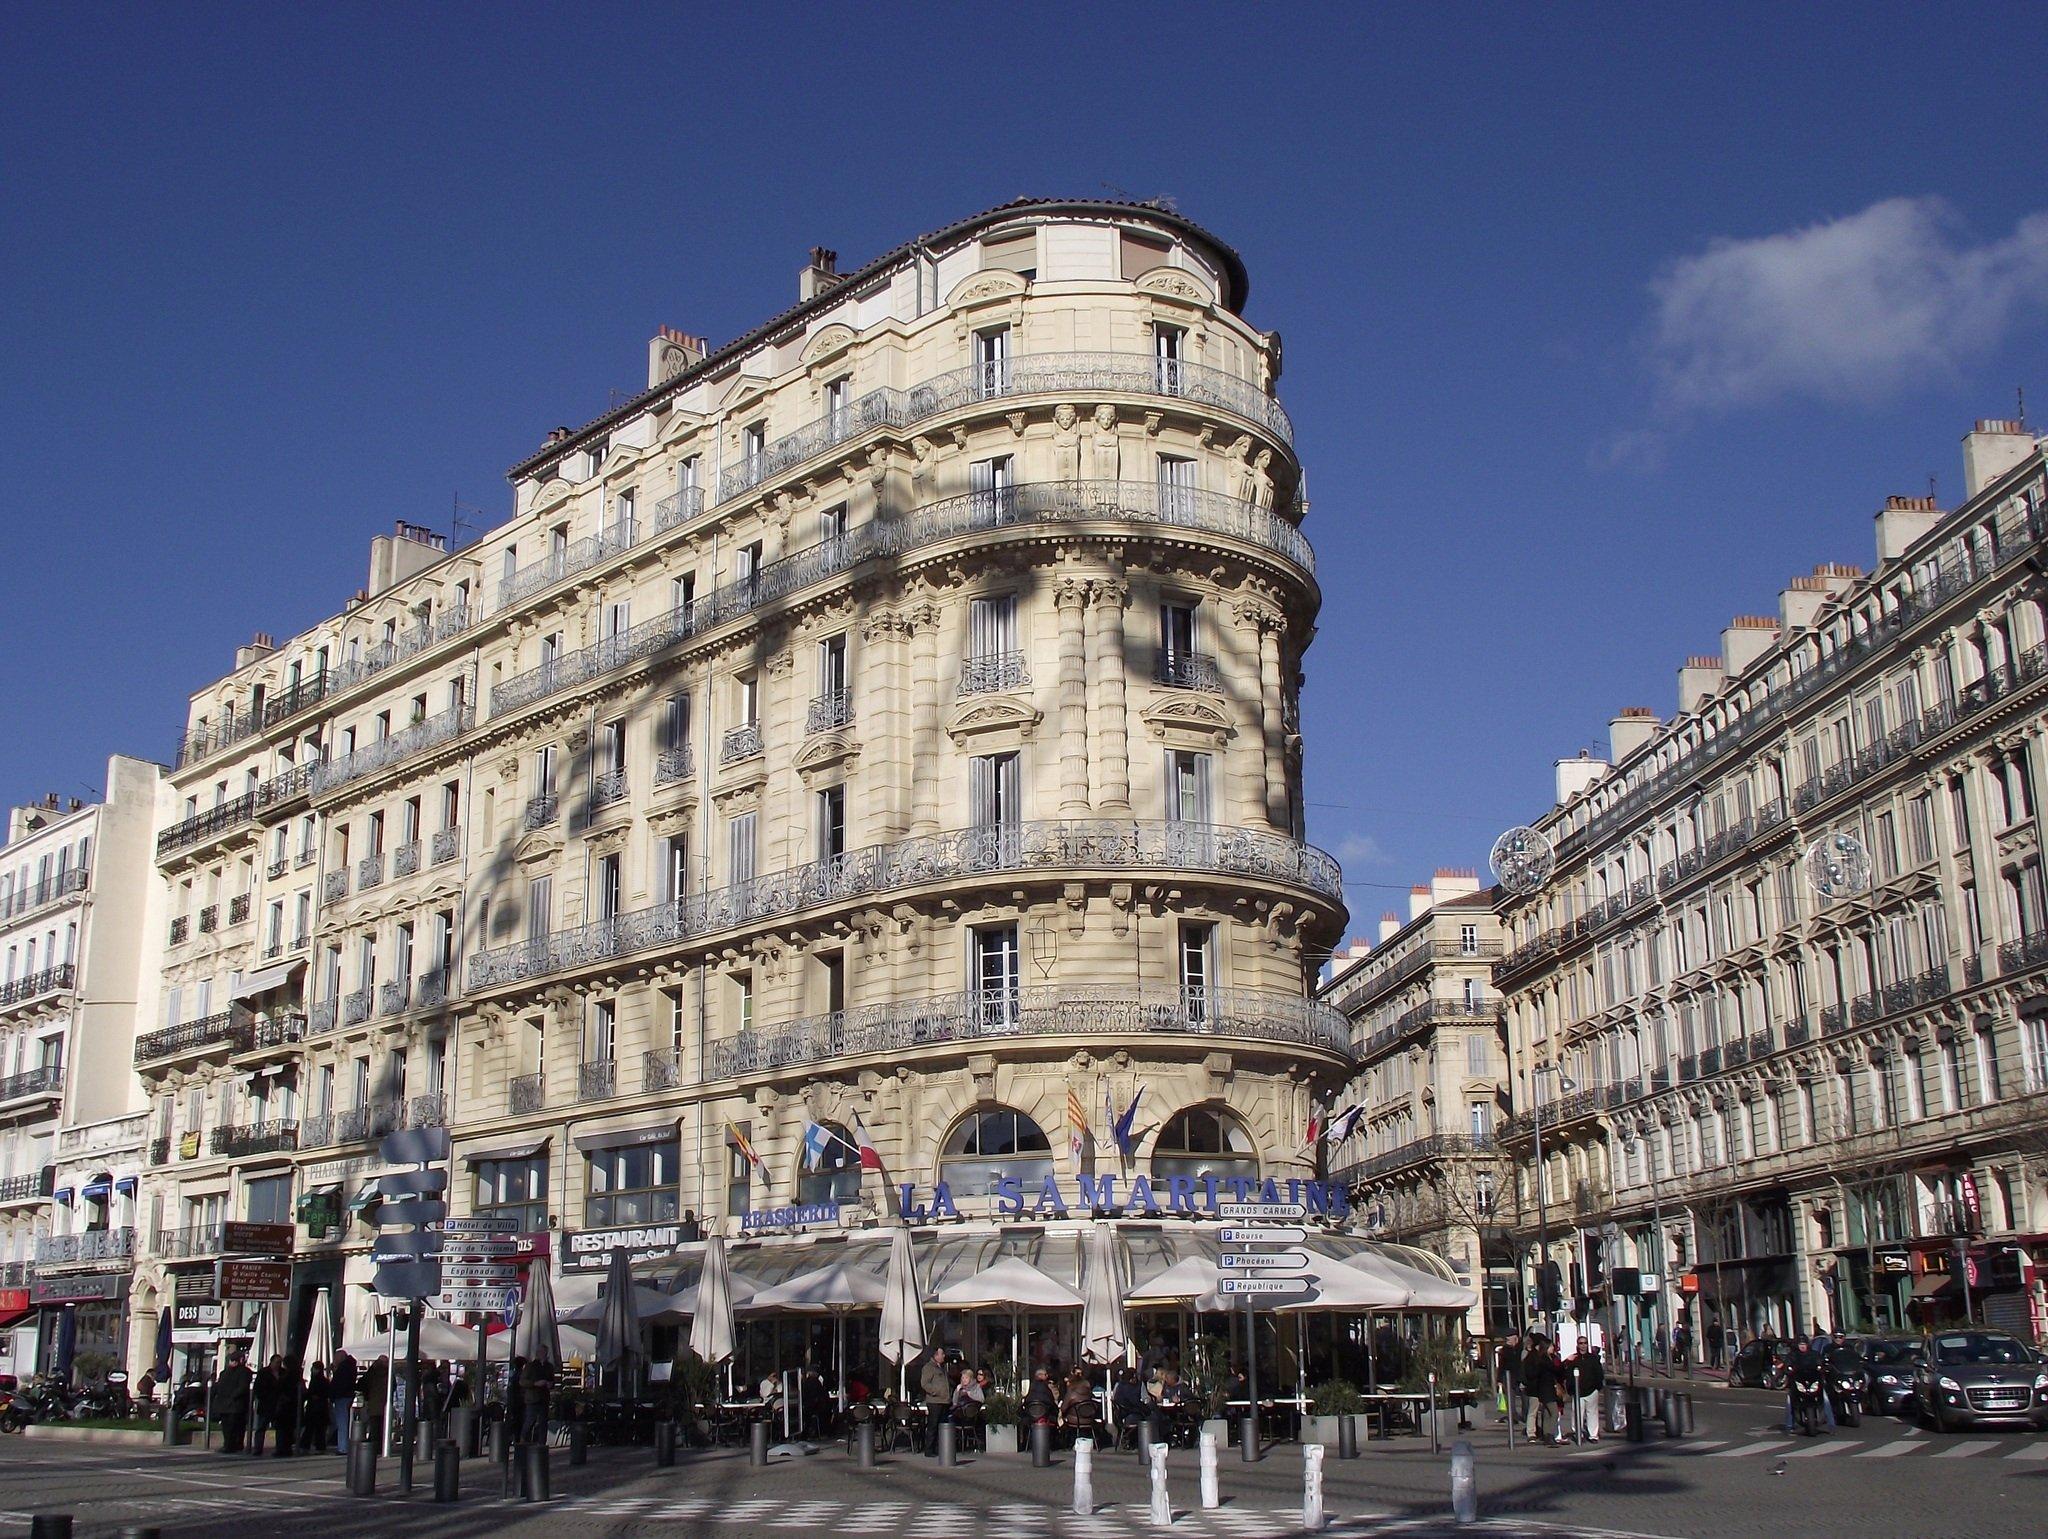 Hotel de Ville in Marseilles